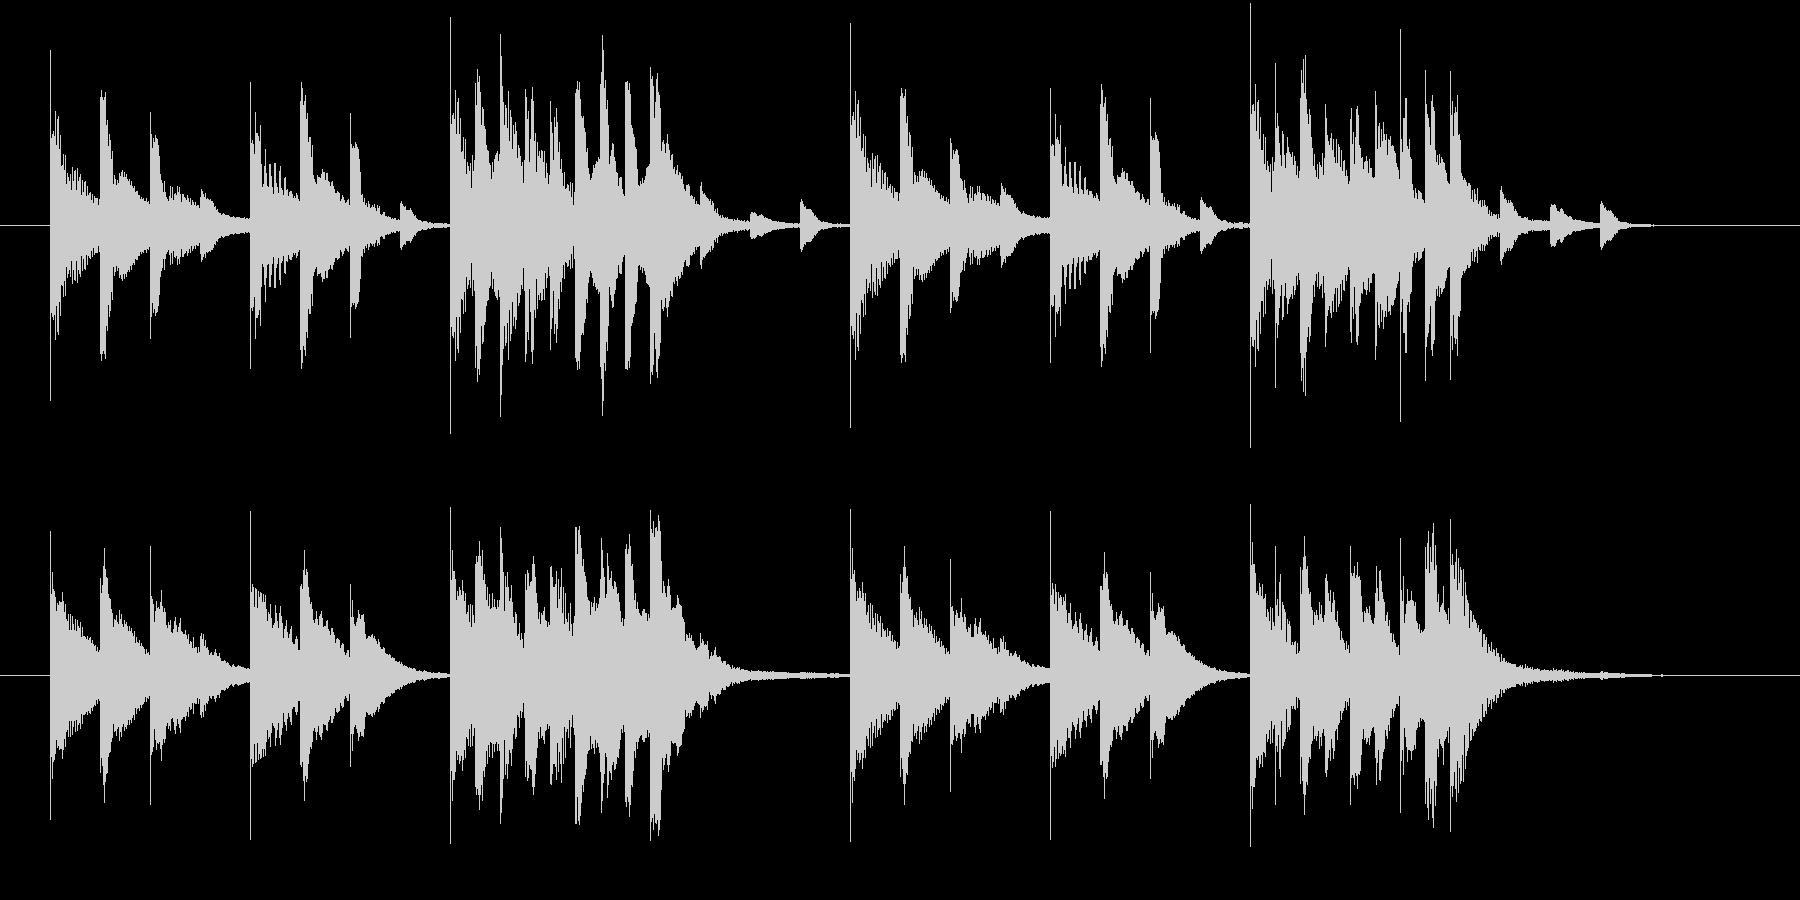 木琴の音で作ったほのぼのとしたジングルの未再生の波形